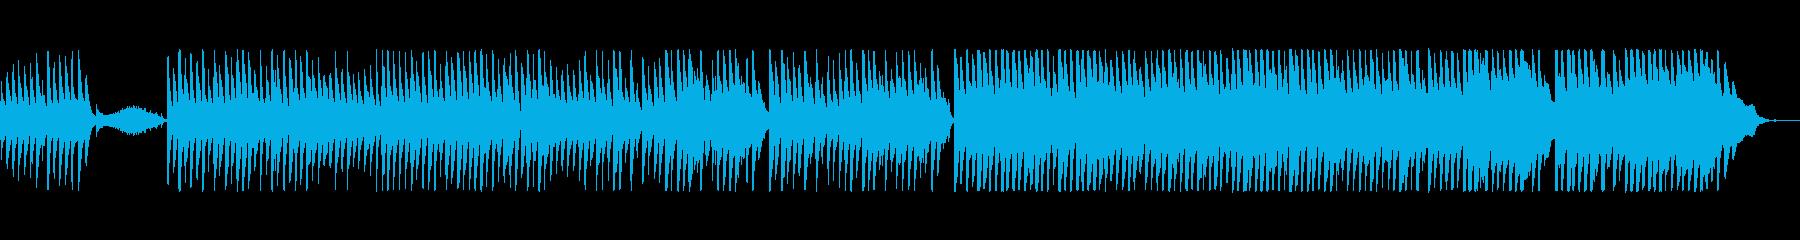 切なく穏やかなピアノ曲の再生済みの波形